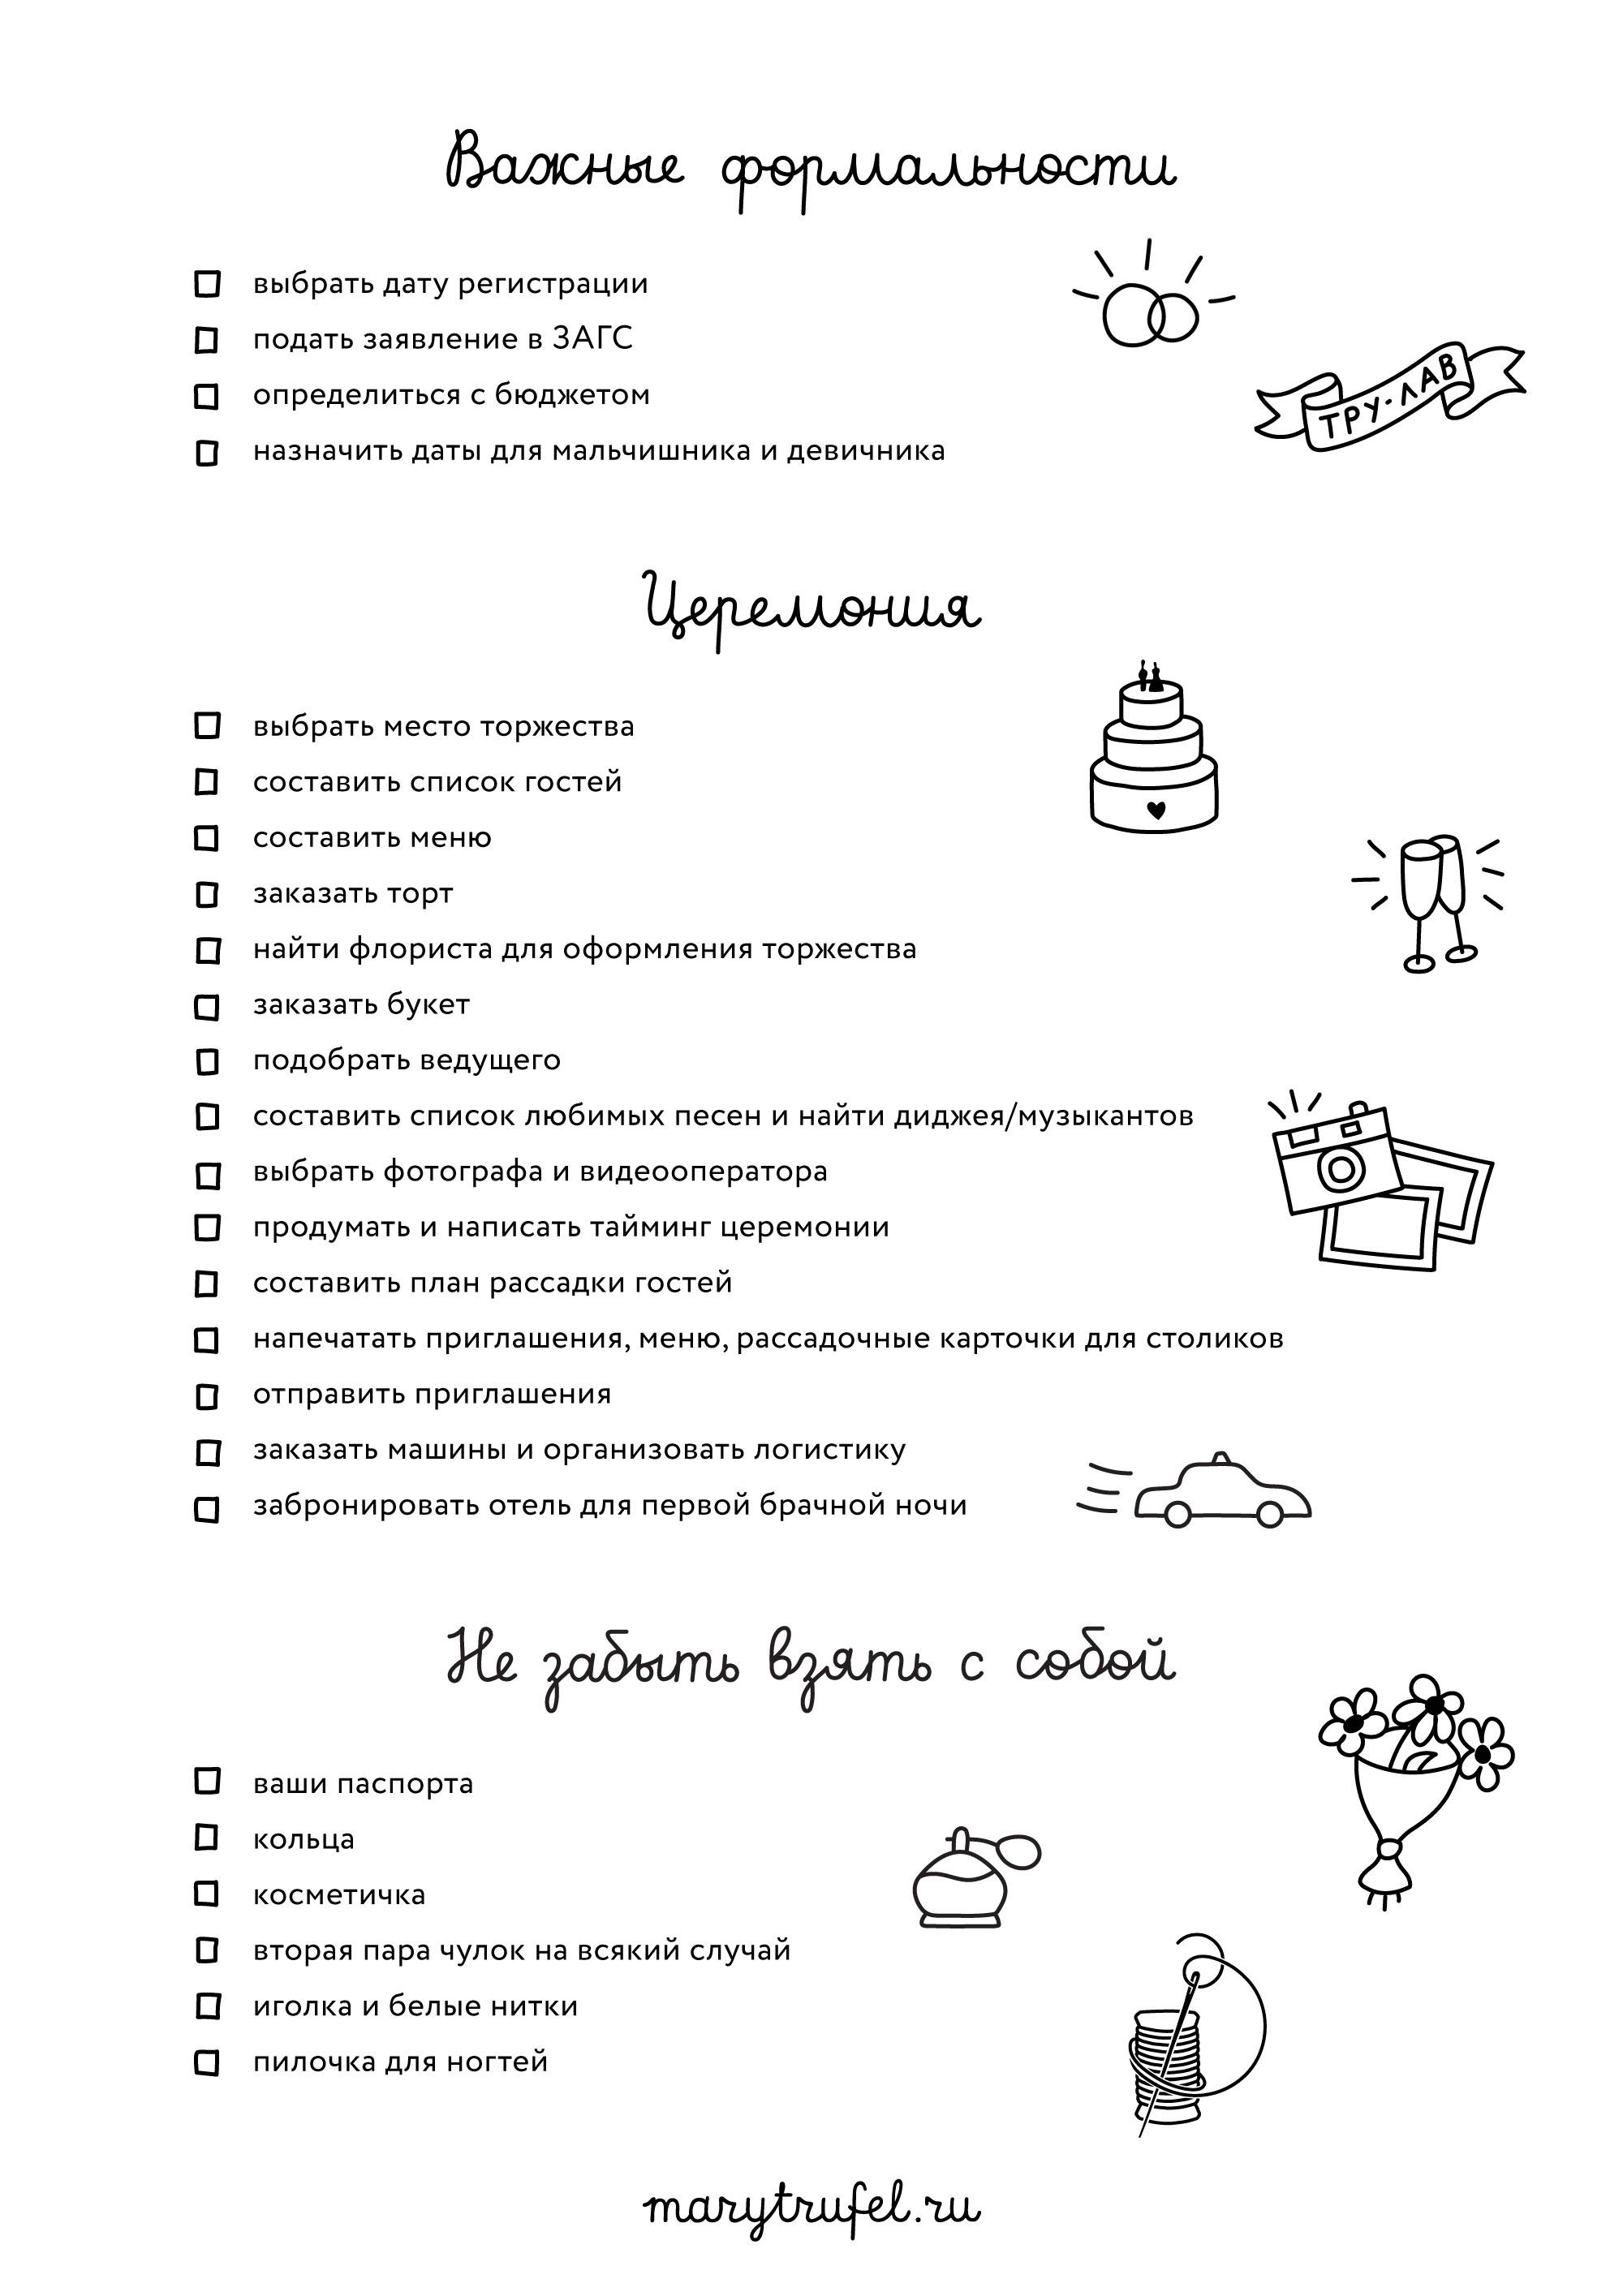 Чек-лист для подготовки к свадьбе